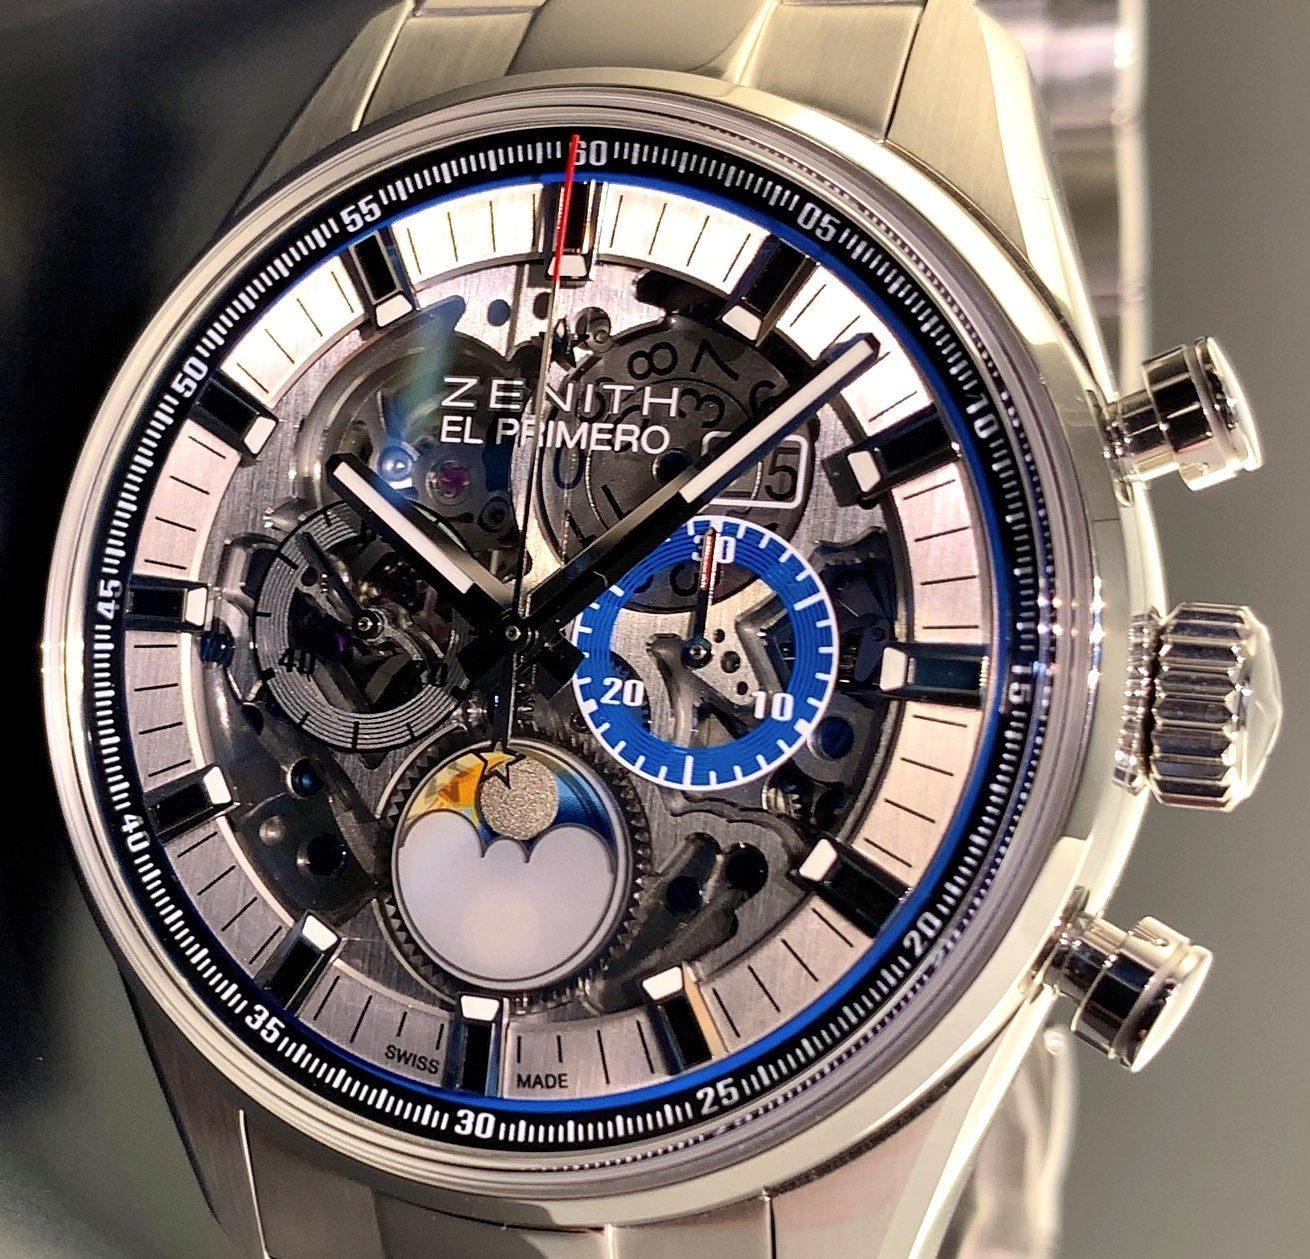 IMG_E2477-e1610267586823 エル・プリメロの美しさを堪能できる『クロノマスター エル・プリメロ グランドデイト フルオープン』 - CHRONOMASTER その他